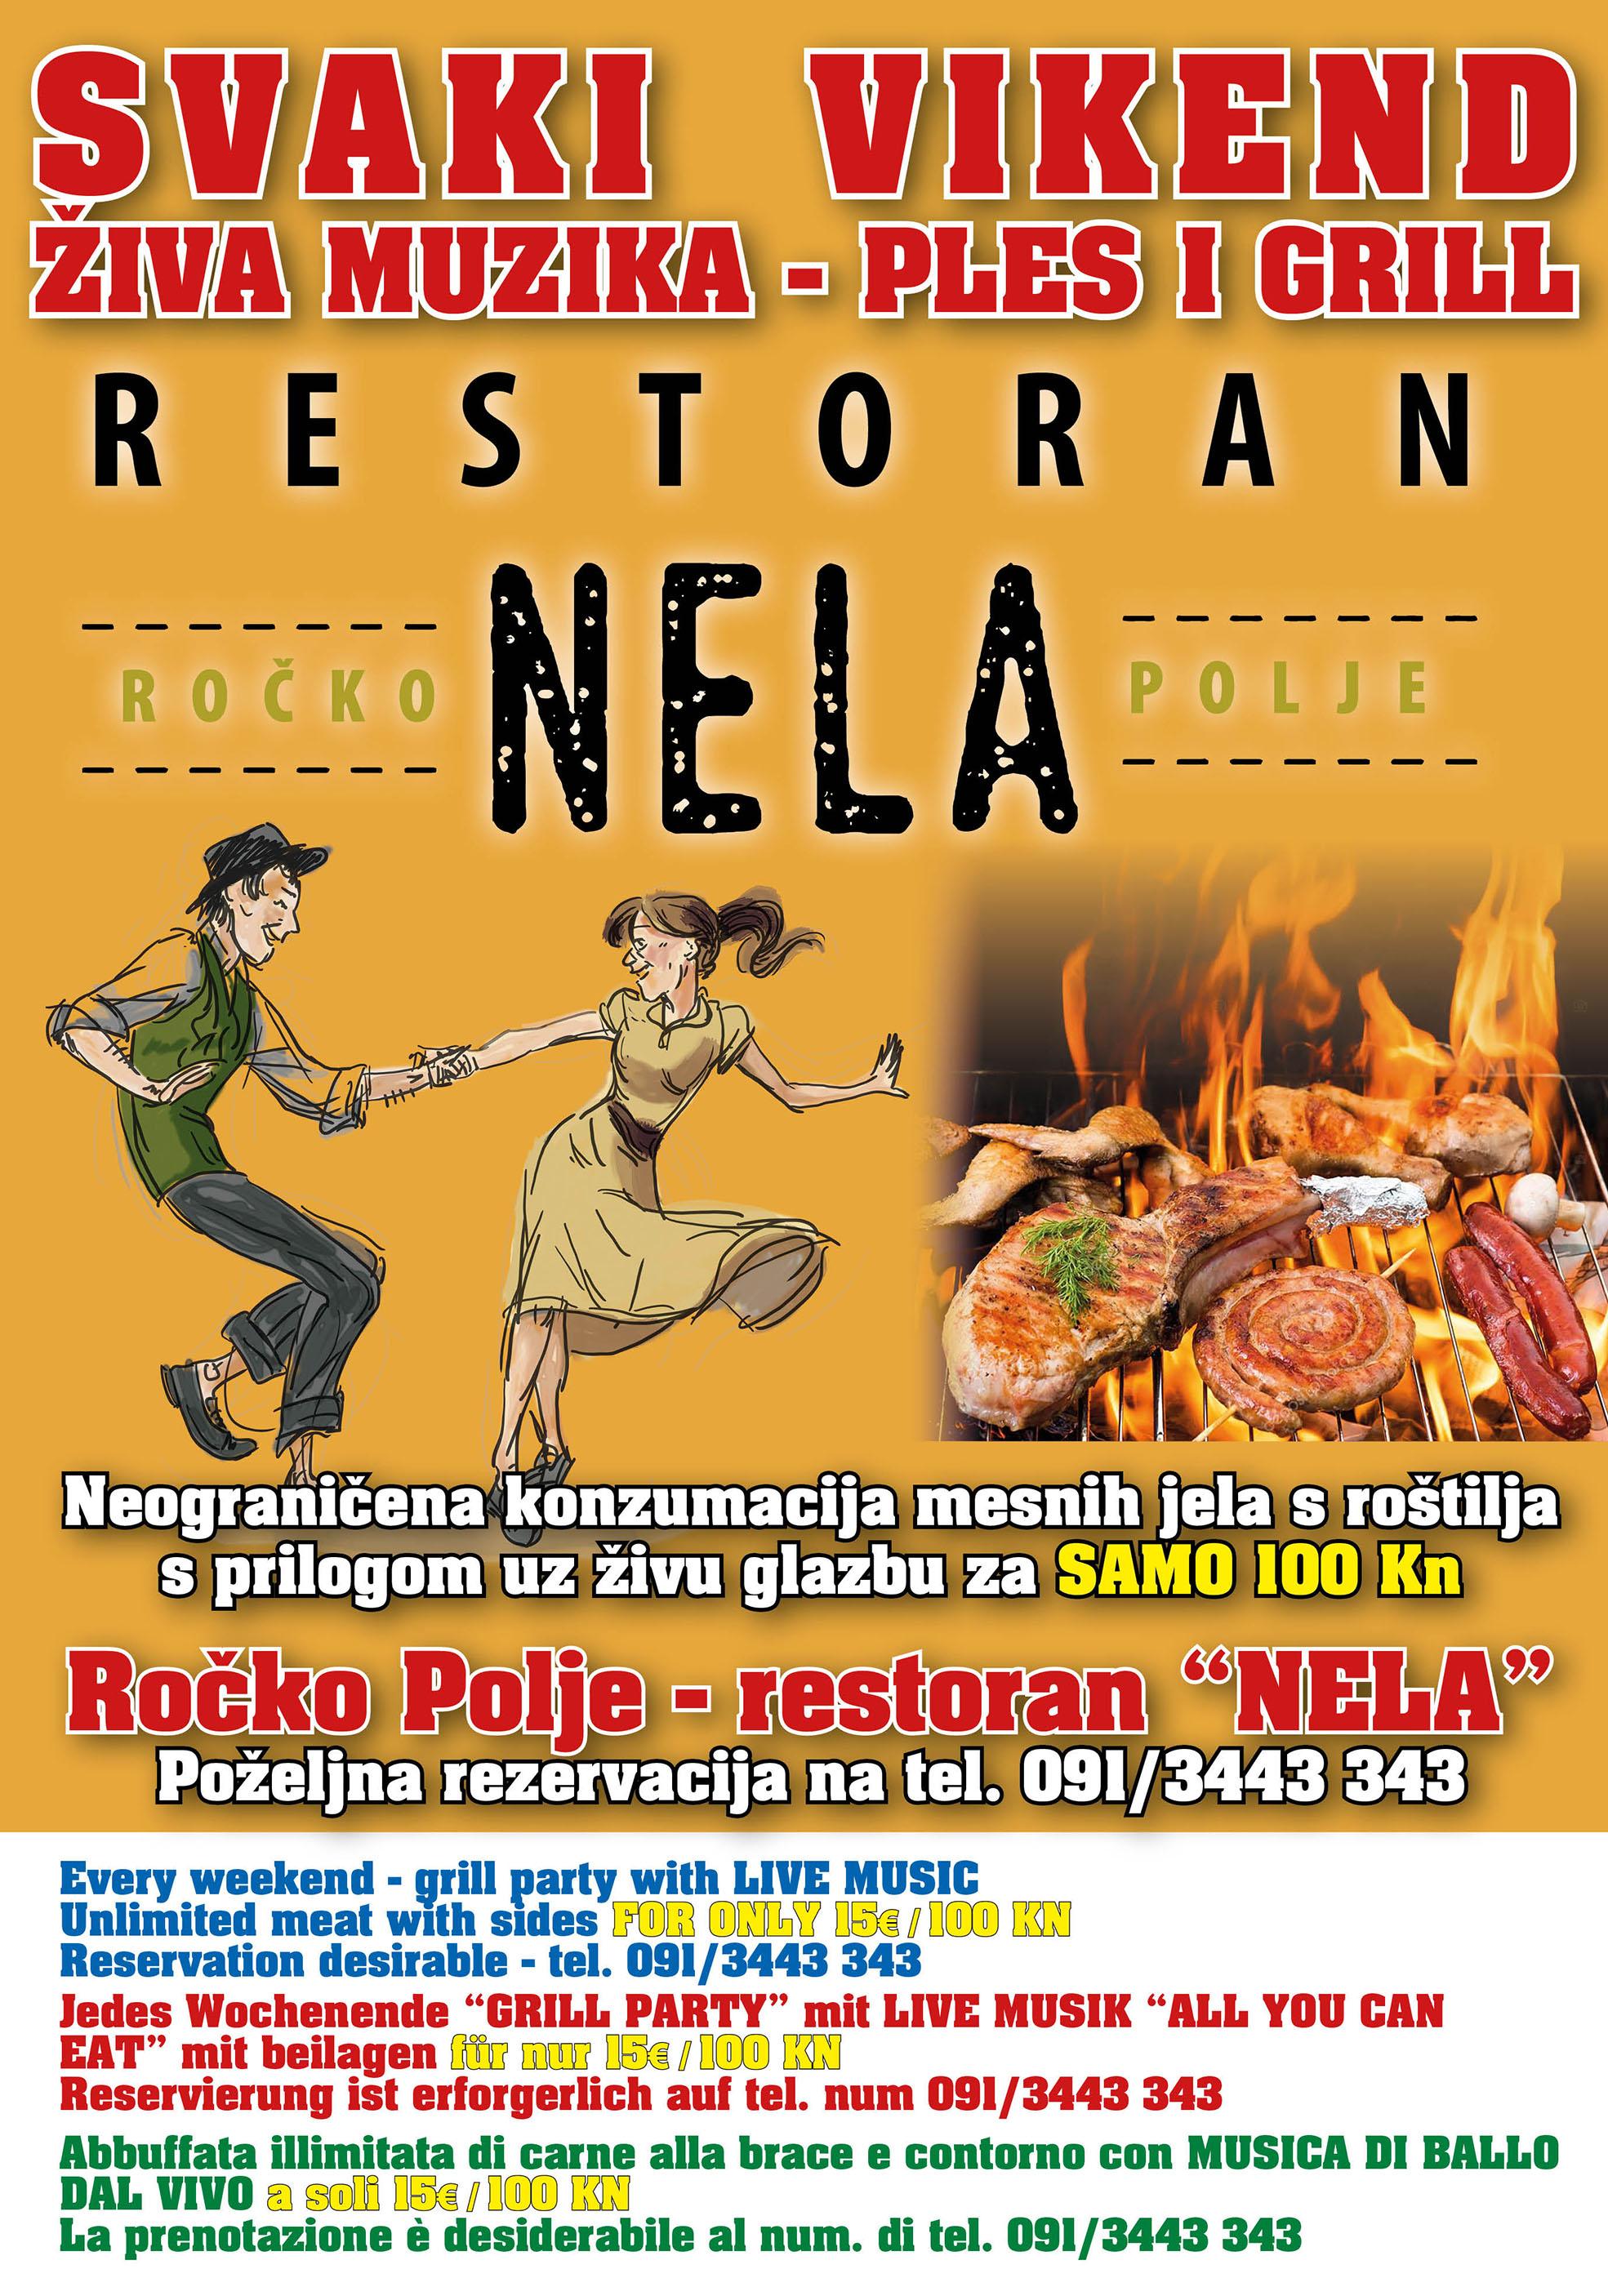 Restoran Nela - Živa glazba svaki vikend